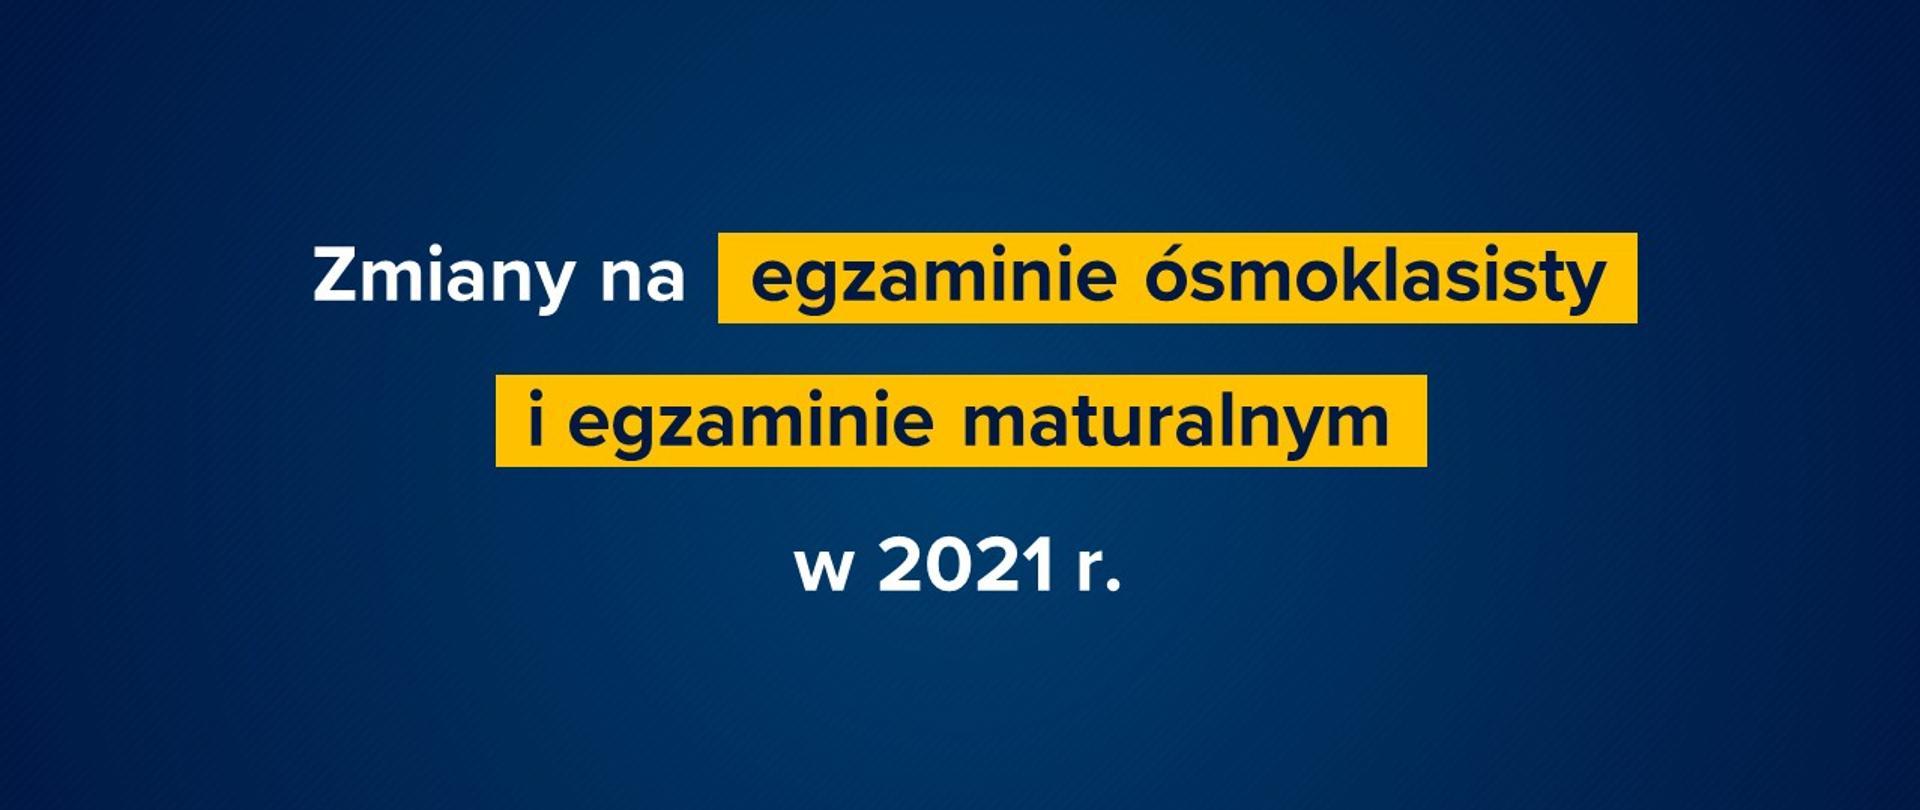 """Granatowe tło ztekstem """"Zmiany naegzaminie ósmoklasisty iegzaminie maturalnym w2021r."""""""